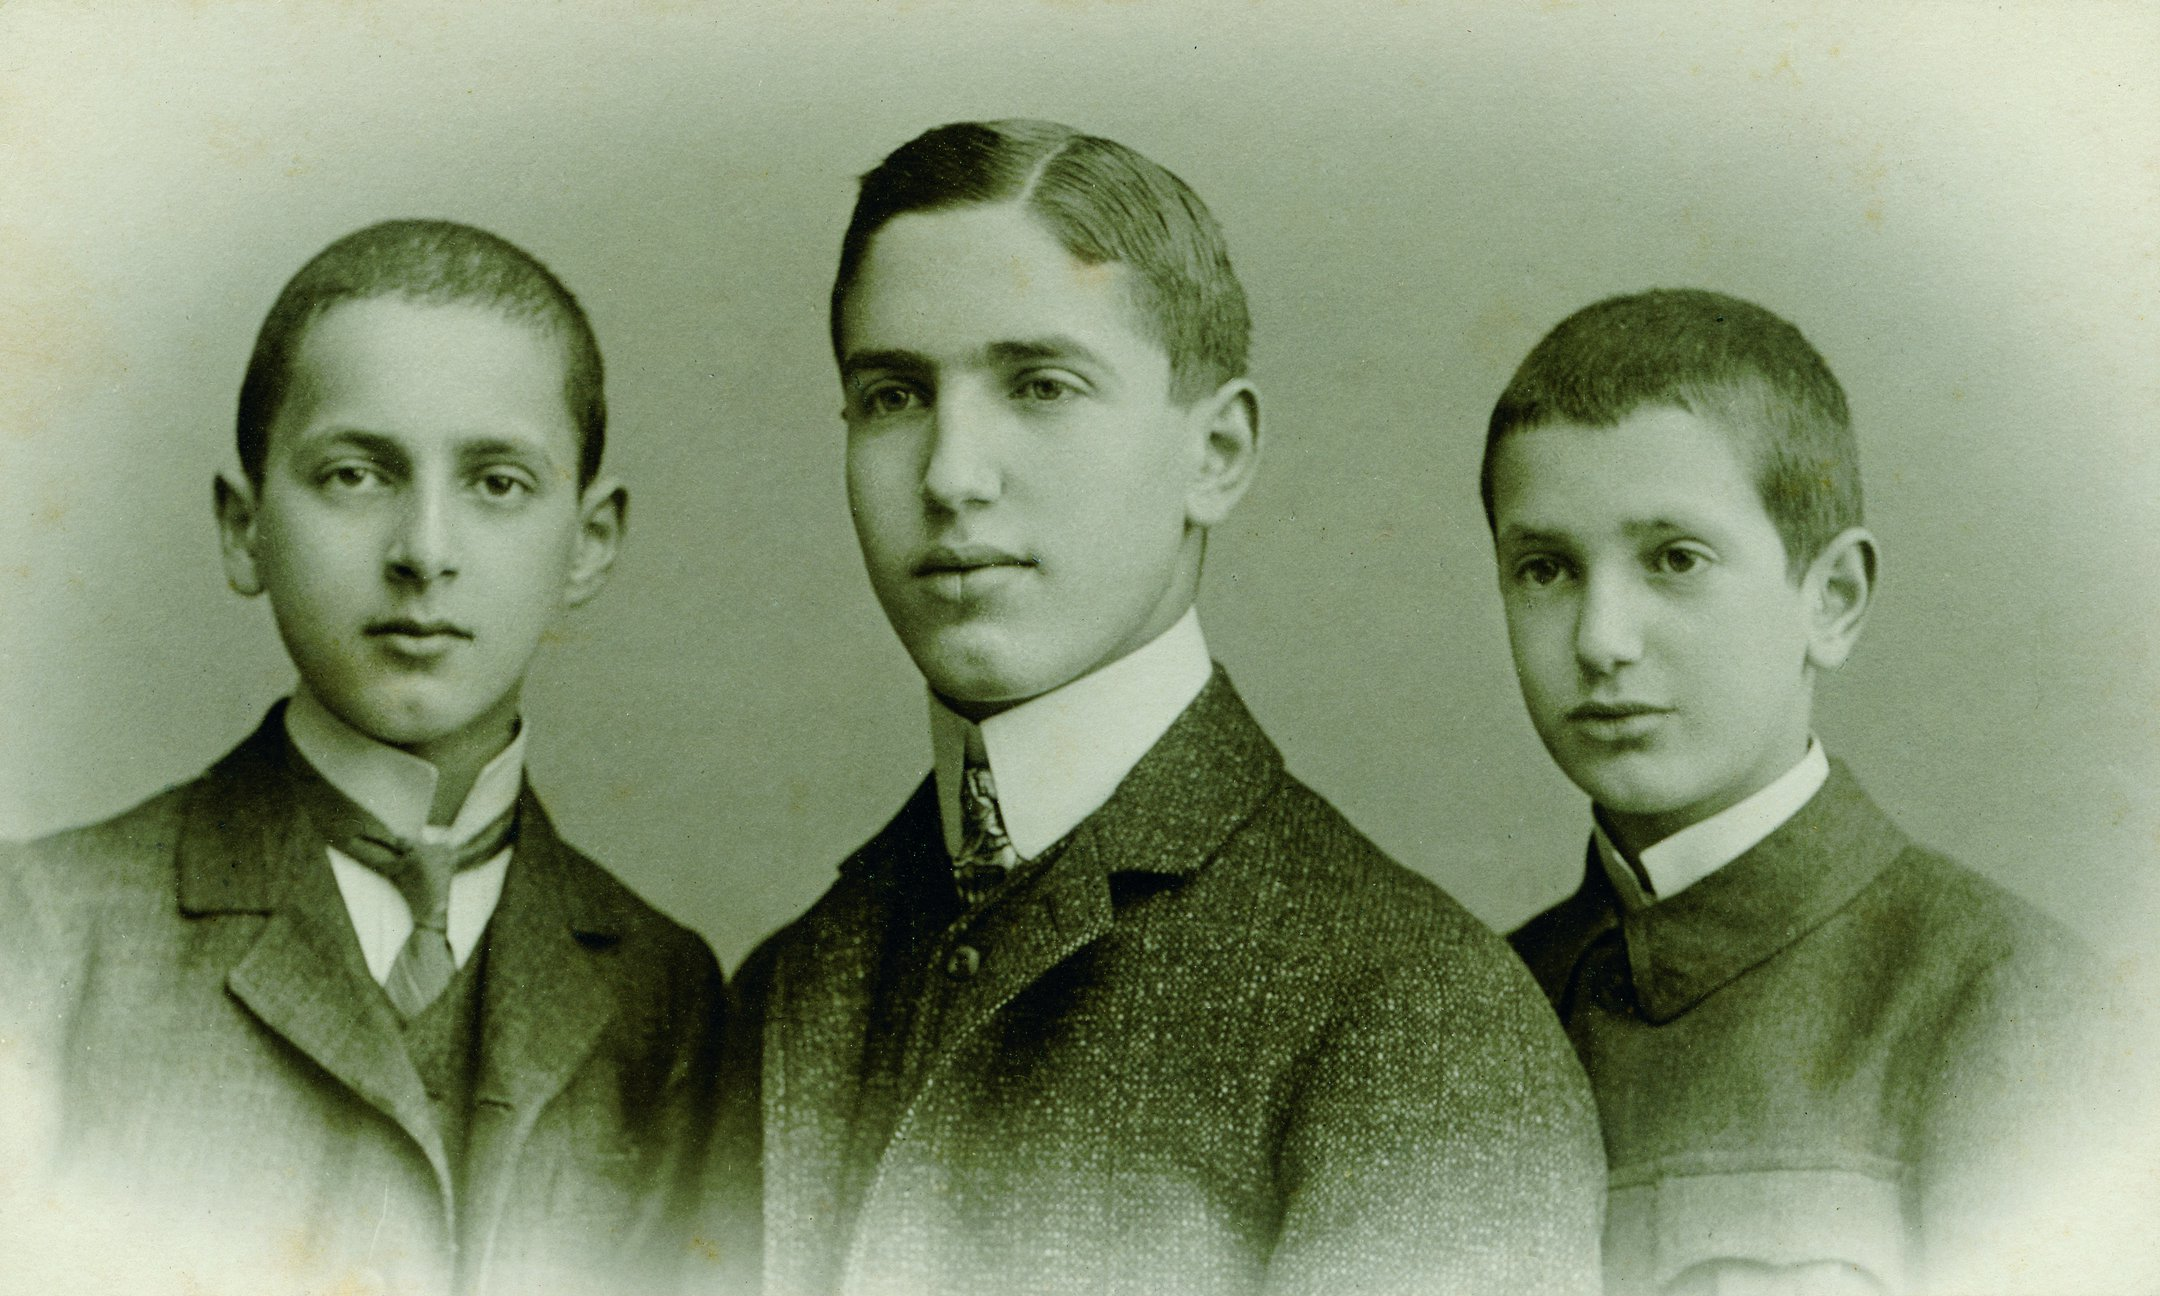 Fritz Pfeffer (Mitte) mit zwei seiner Brüder, um 1910.